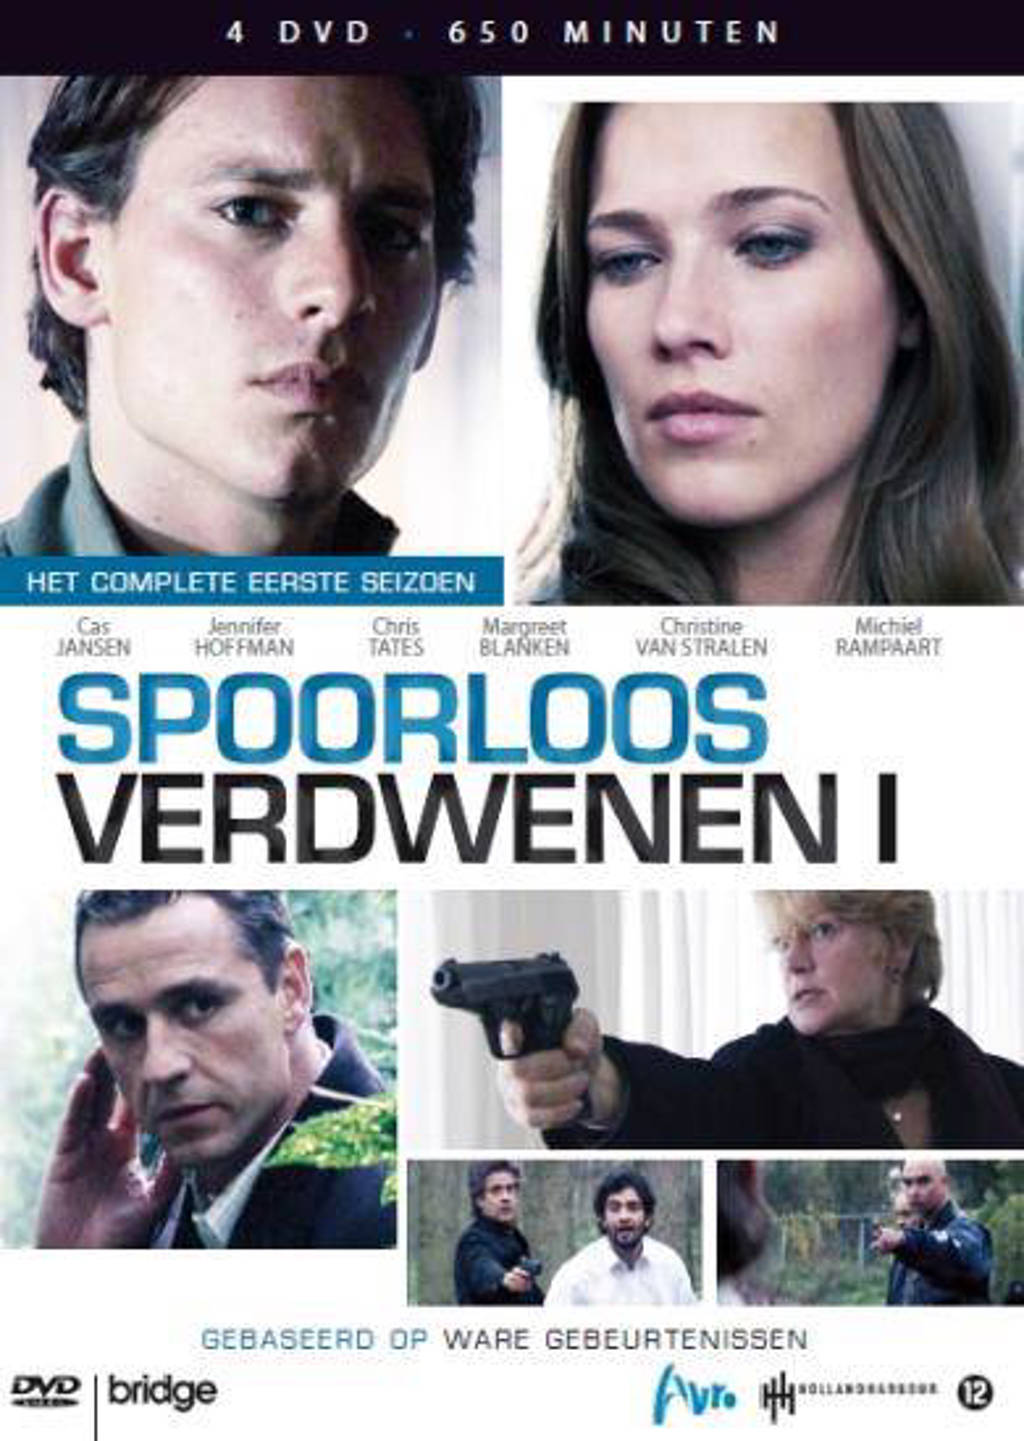 Spoorloos verdwenen - Seizoen 1 (DVD)